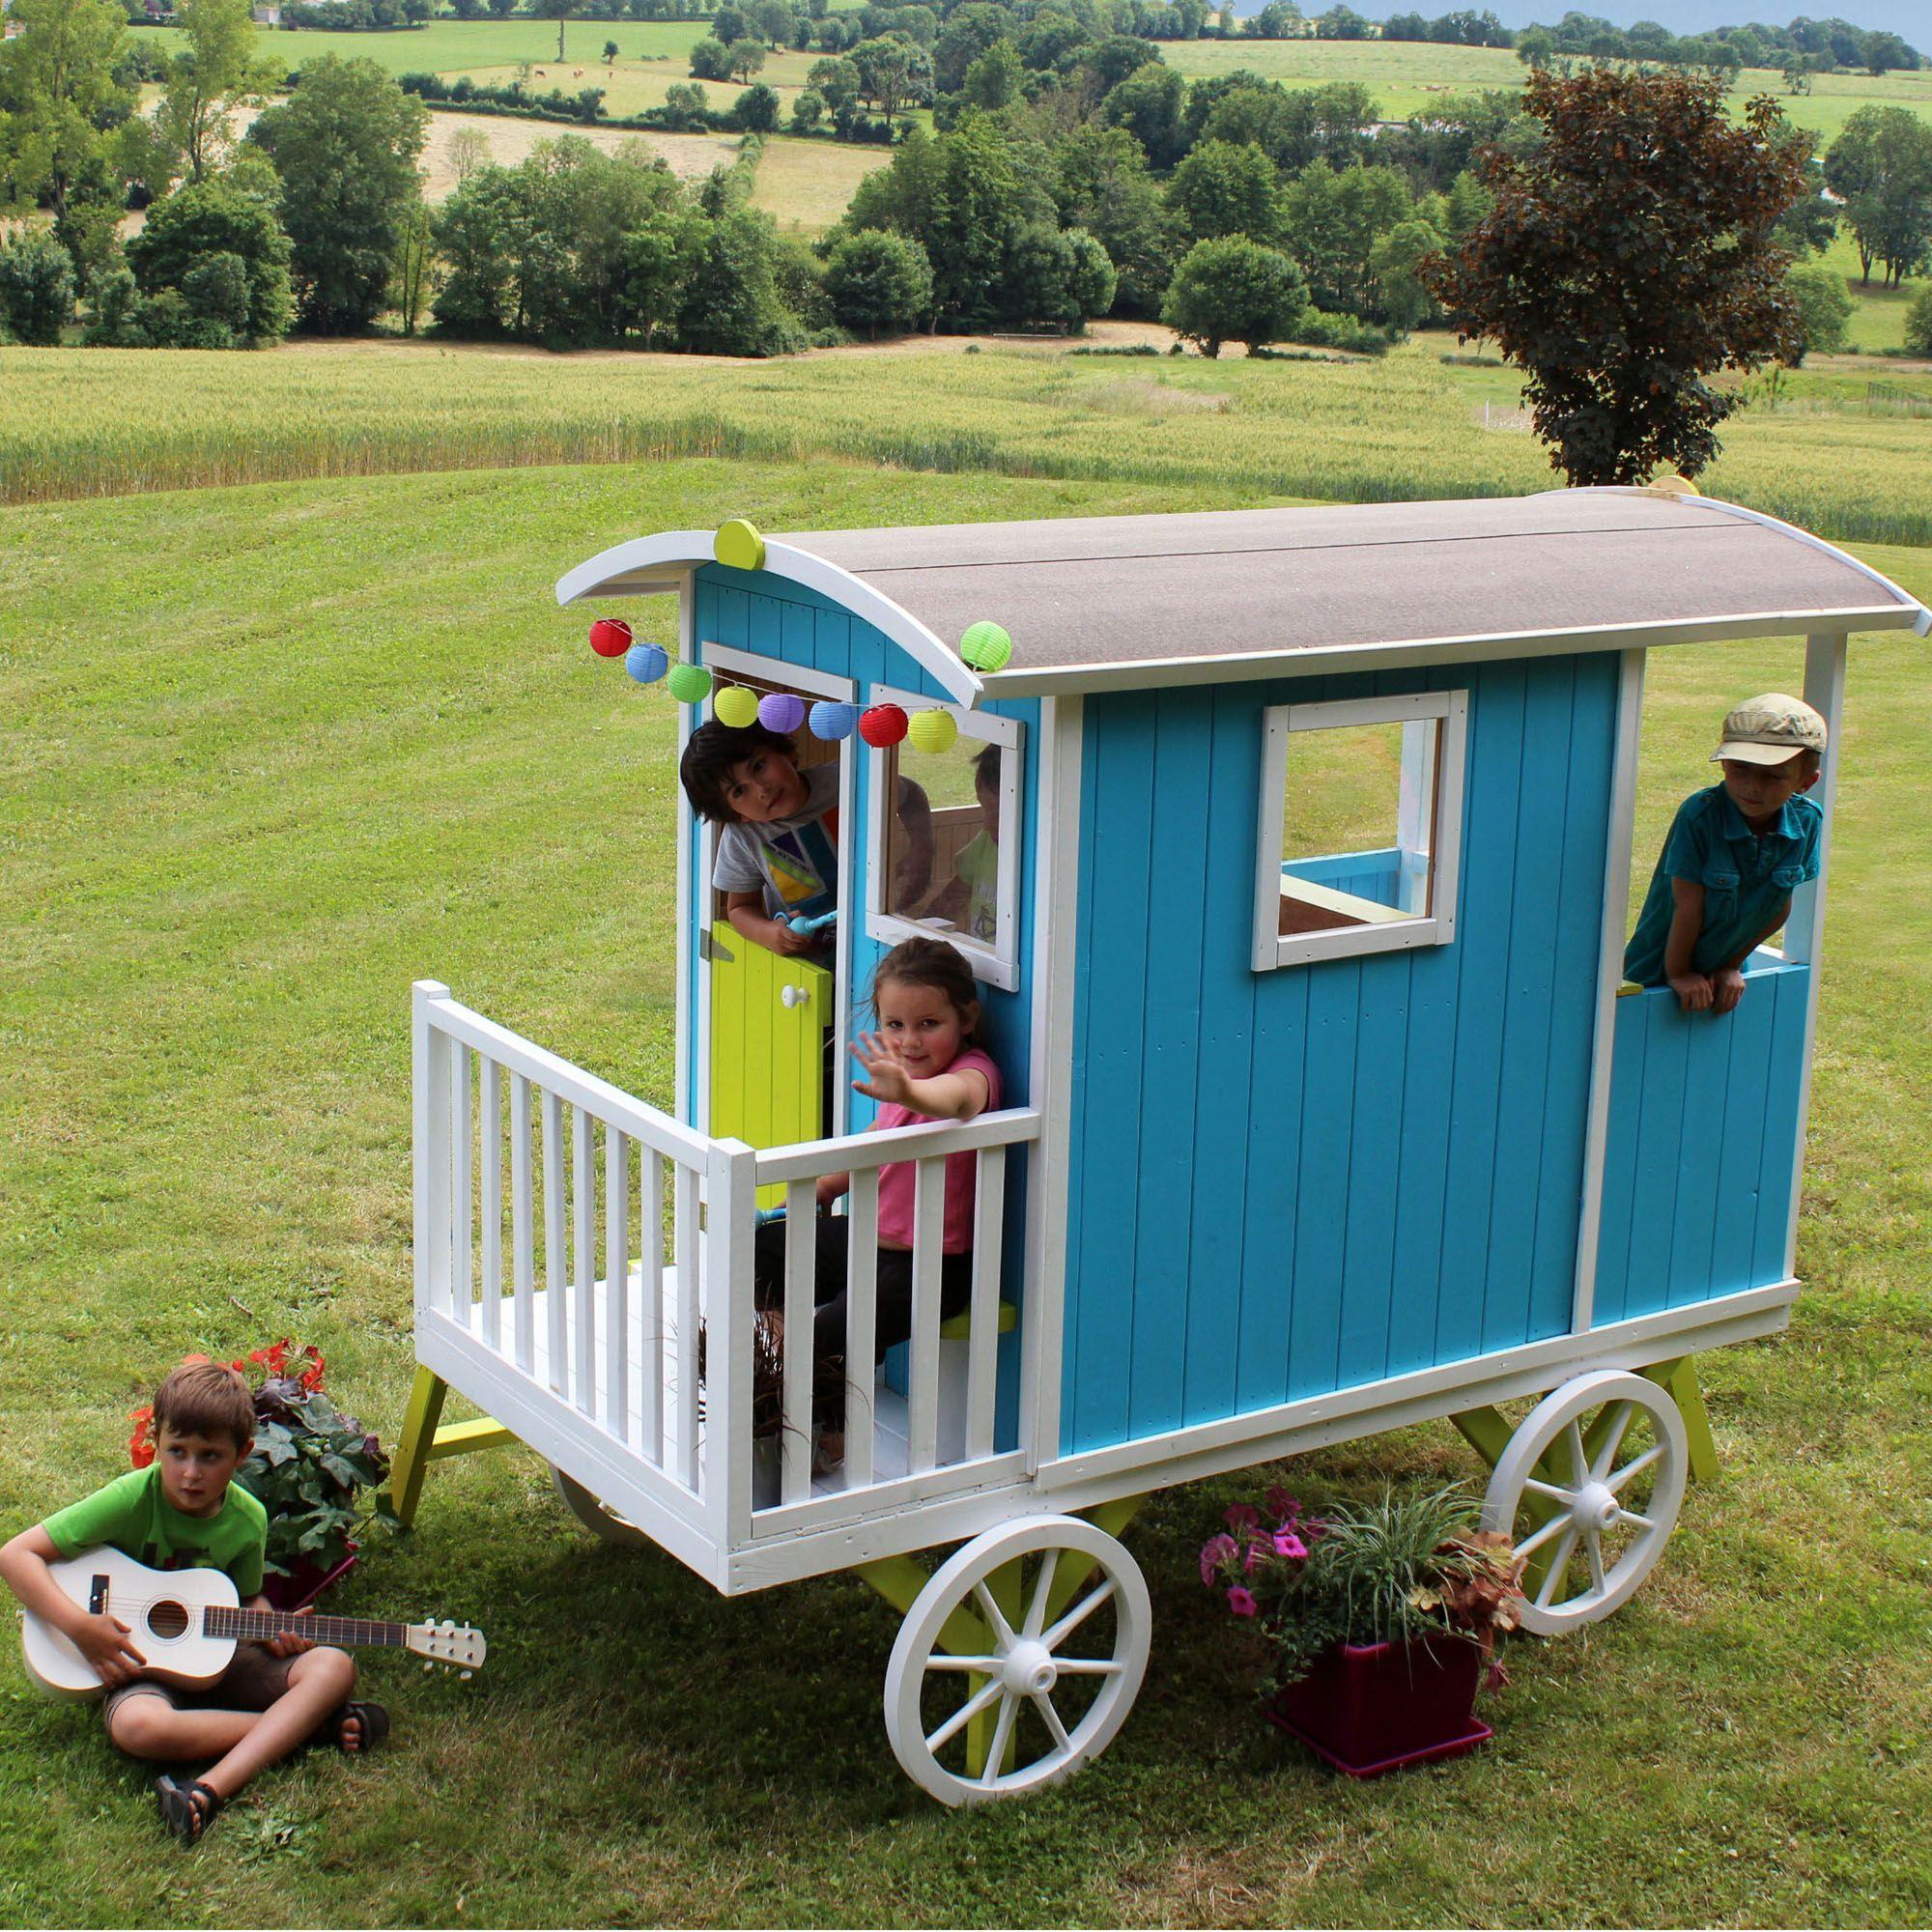 Roulotte en bois brut sur pilotis pour enfant - Carry - Le mobilier ...